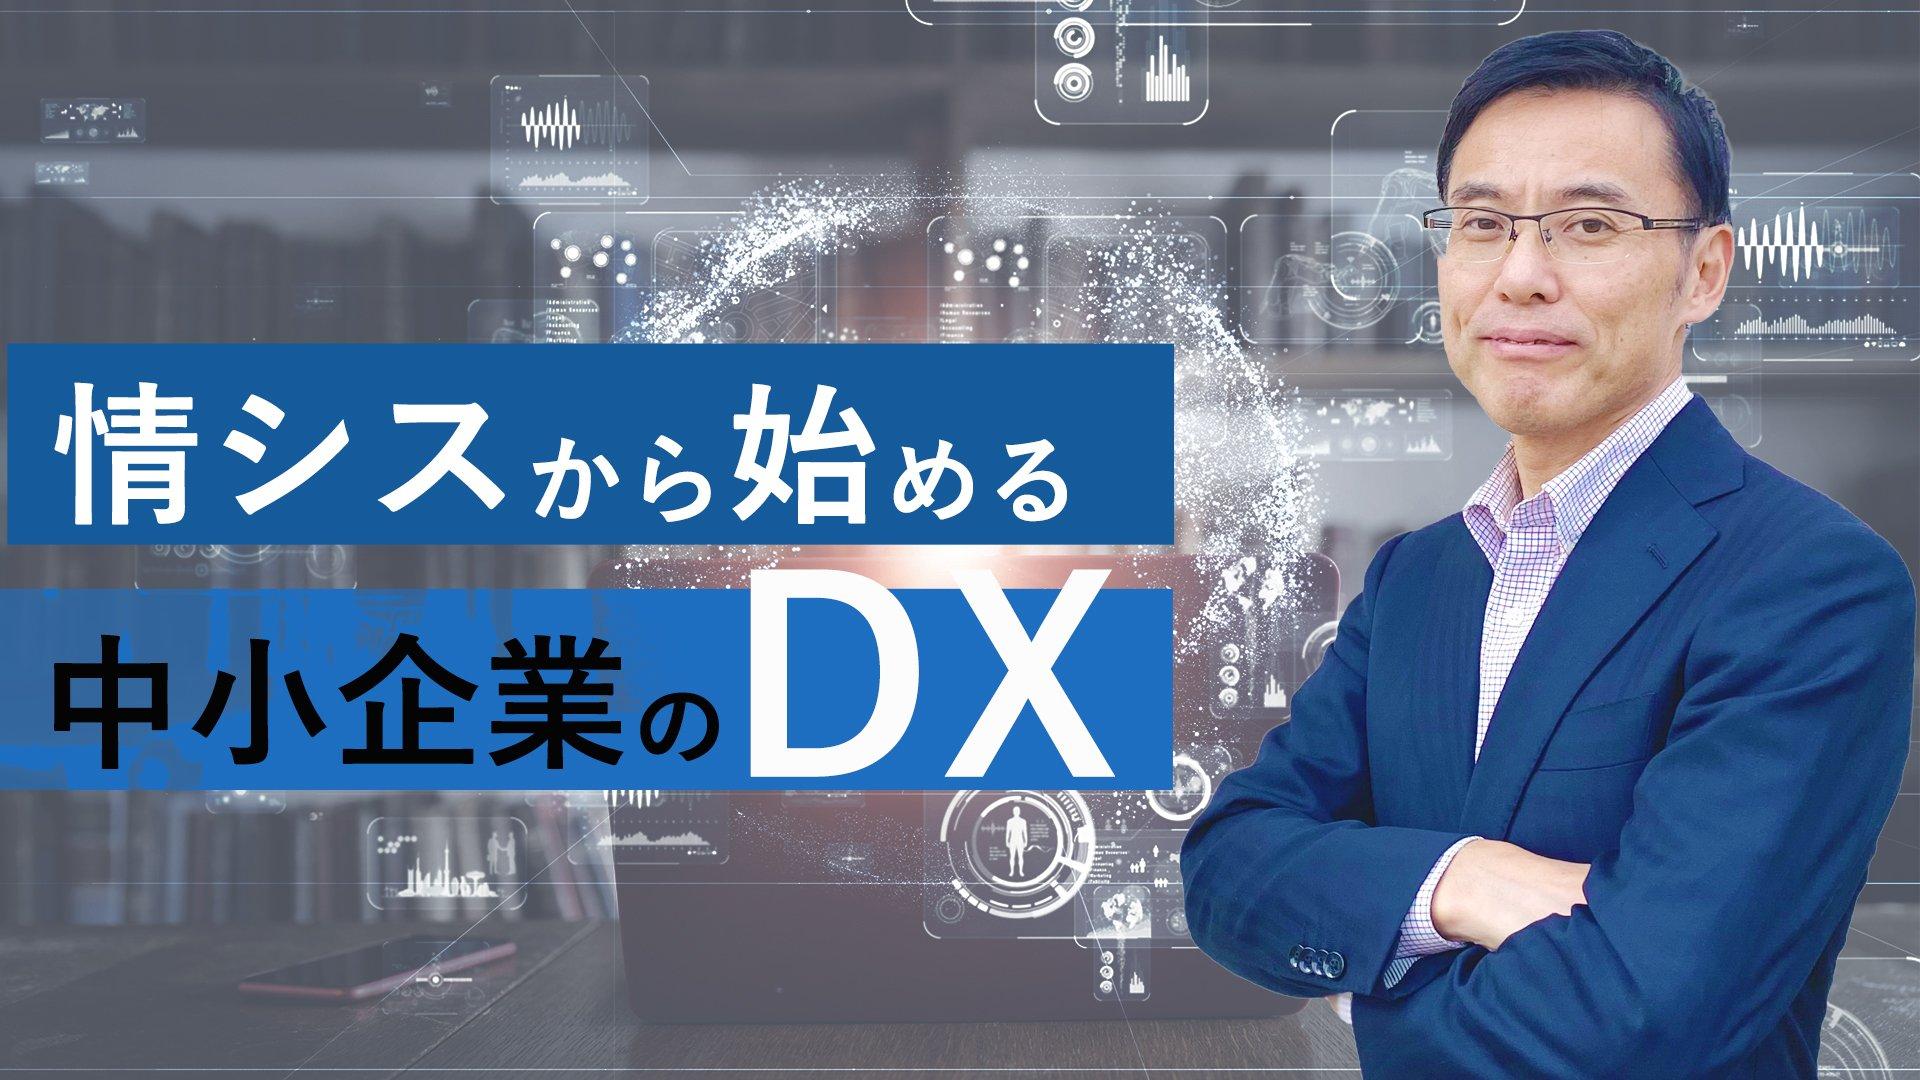 「ツール導入=DX」は危険!情シスから始める中小企業のDXの土台作りとは